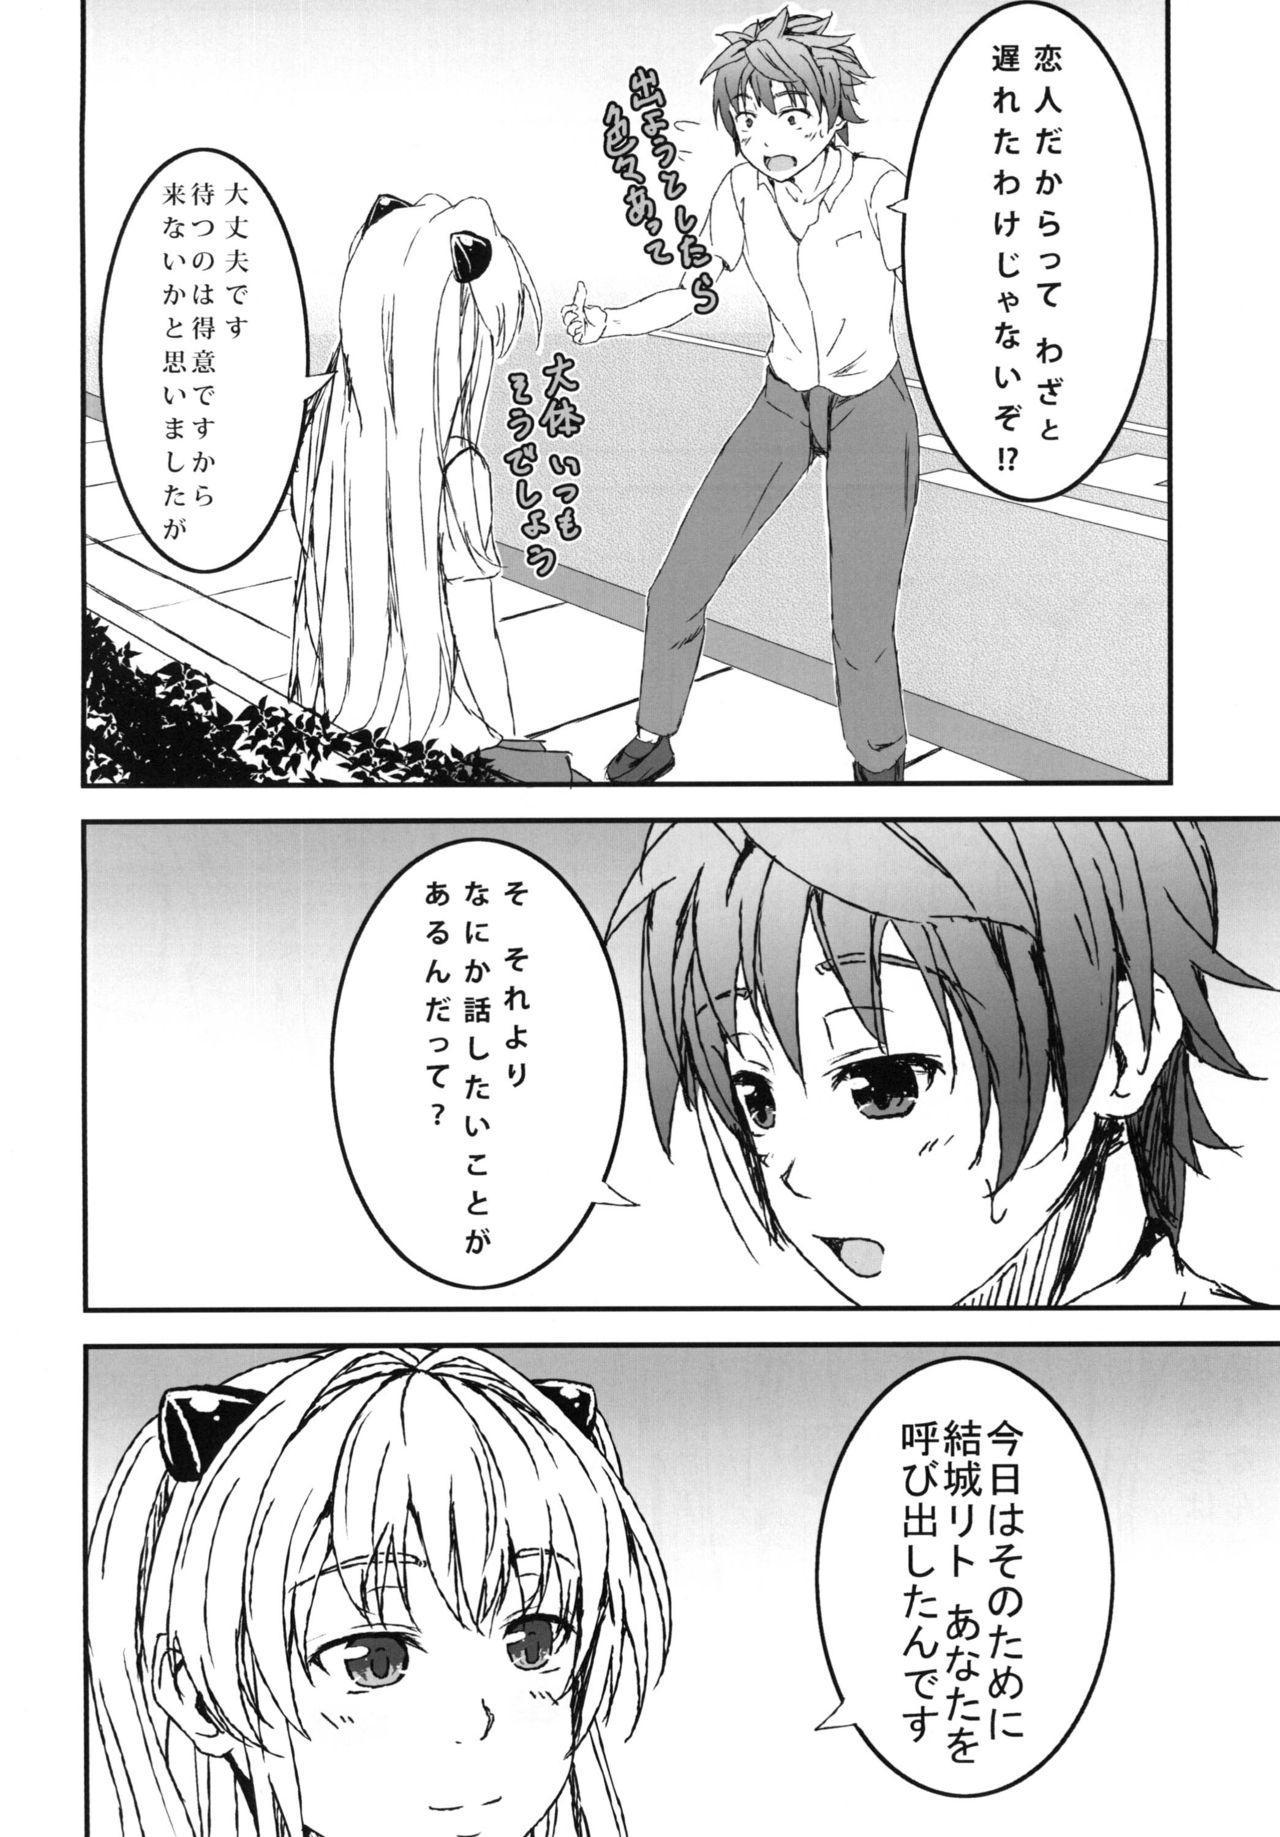 Yami ToLOVEru to Mikan ga Shitto Suru 3